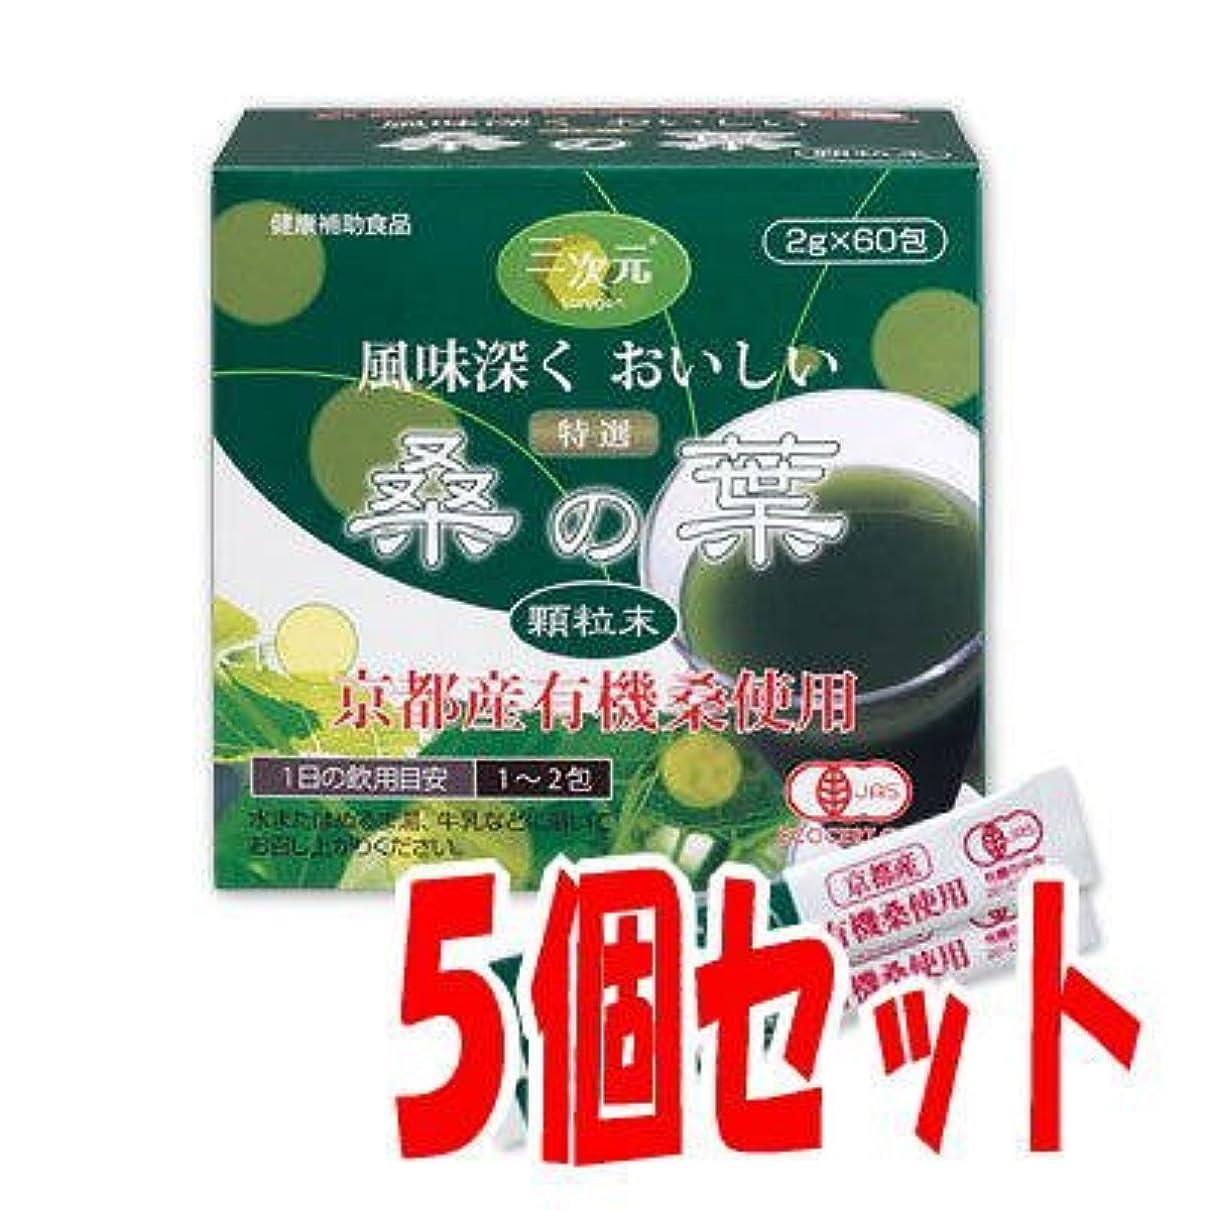 してはいけない人種全員特選「桑の葉」顆粒末1箱60包入×5箱セット 国産(京都産)有機桑使用 苦くなく風味深くおいしい青汁